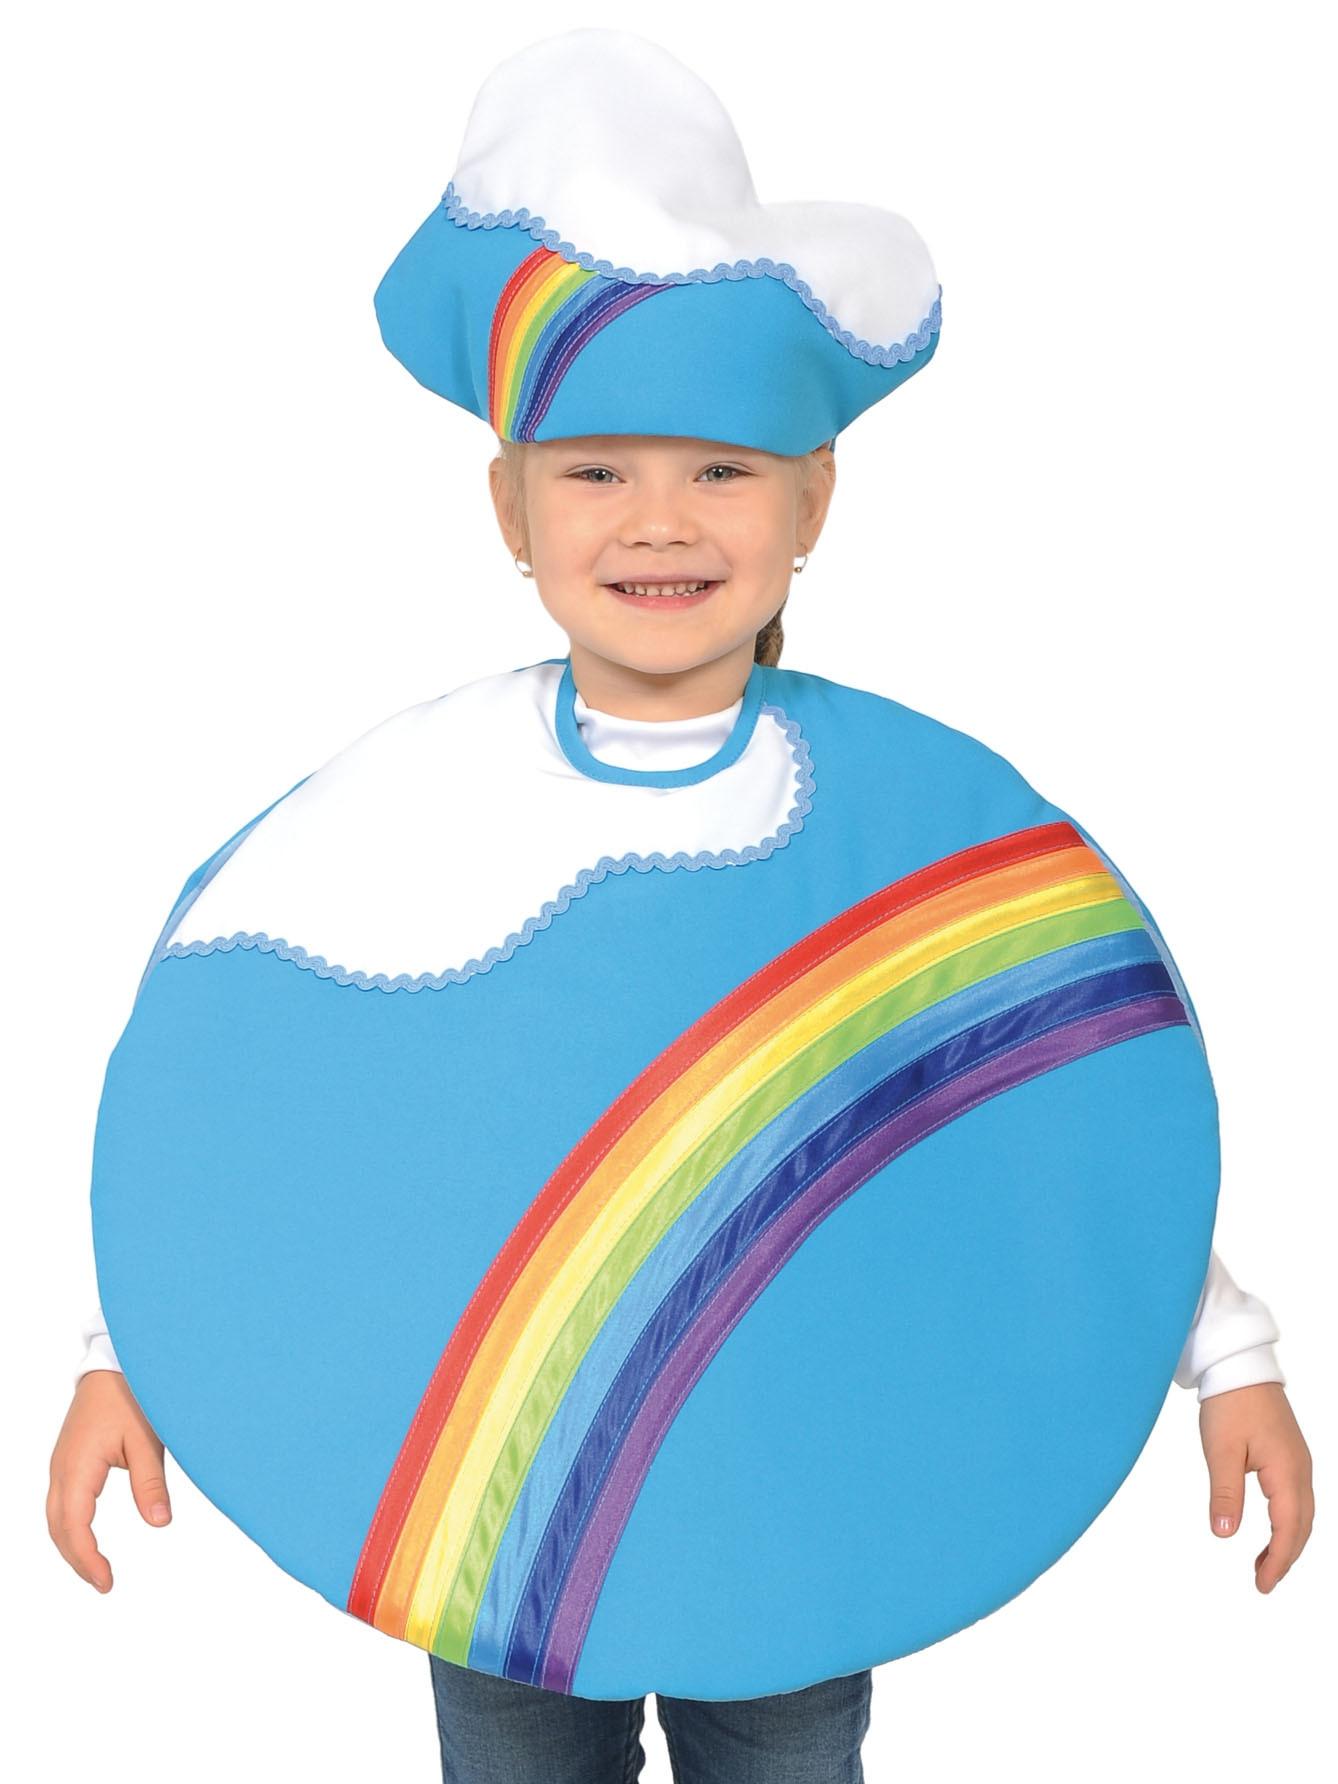 того, картинка костюм корона для веселки неволе пернатые